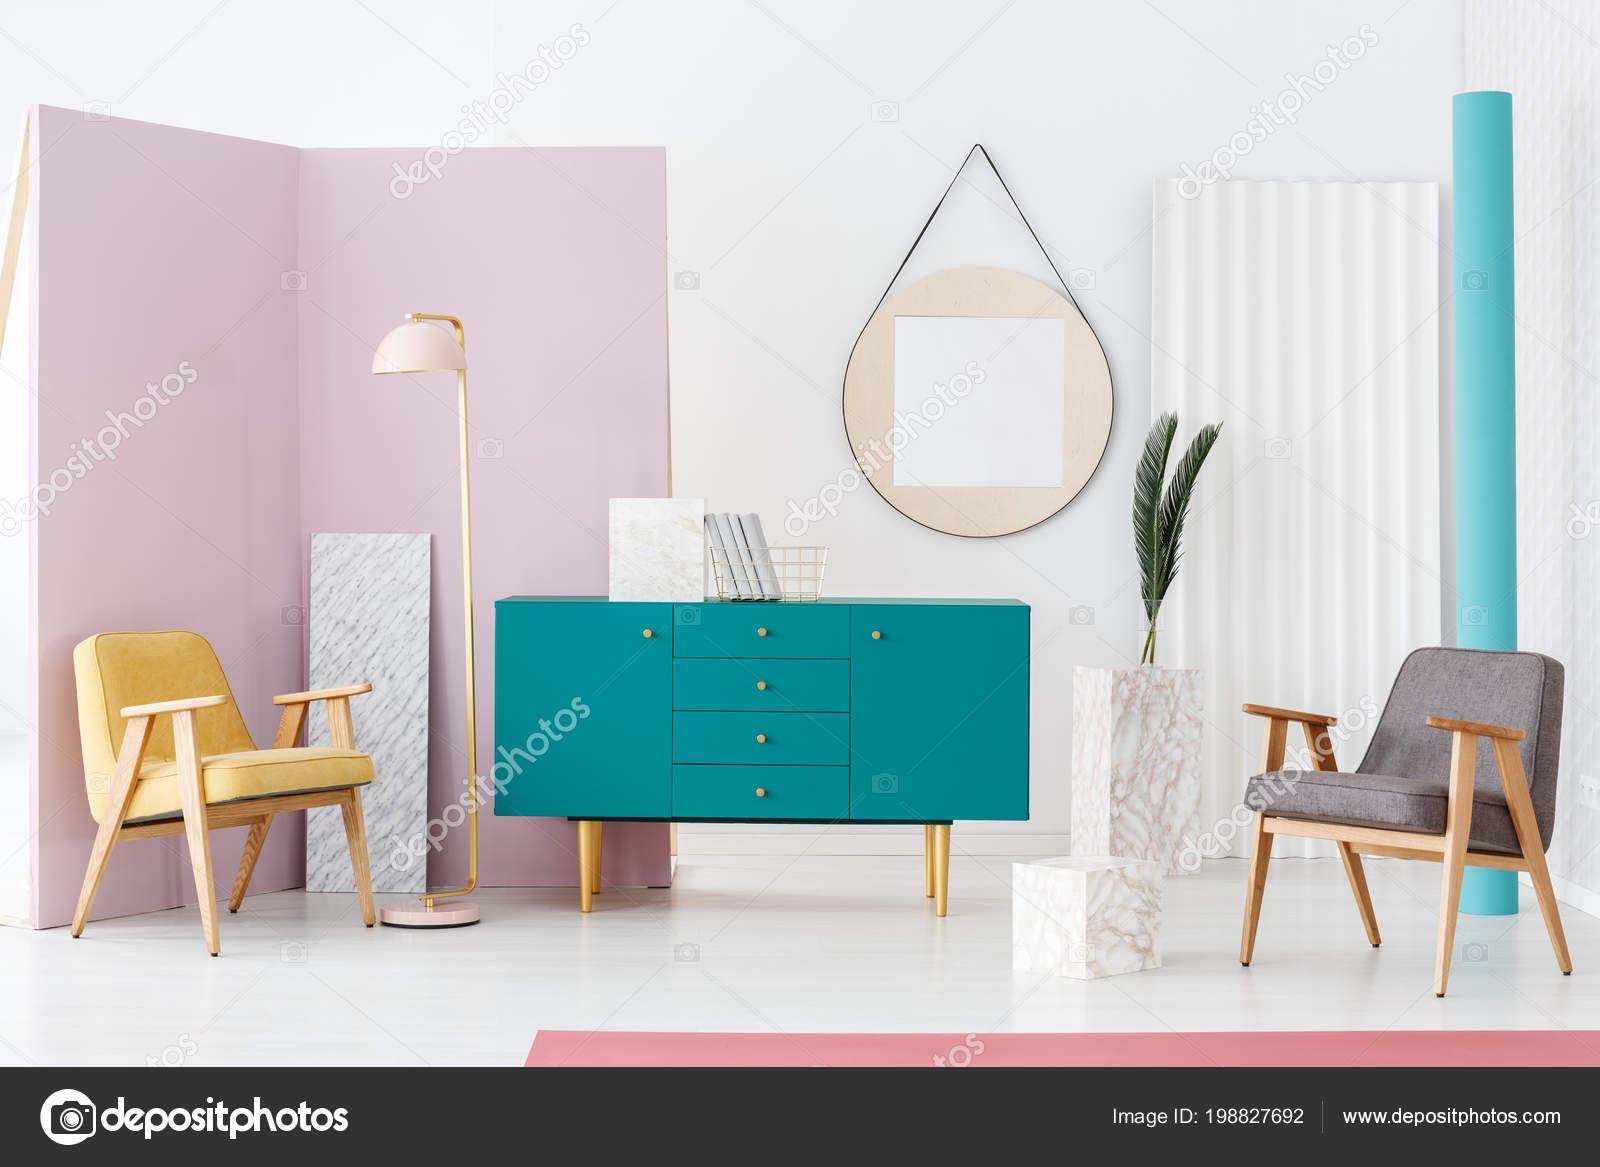 Turquoise Accessoires Woonkamer : Moderne woonkamer interieur met twee fauteuils pastel roze lamp